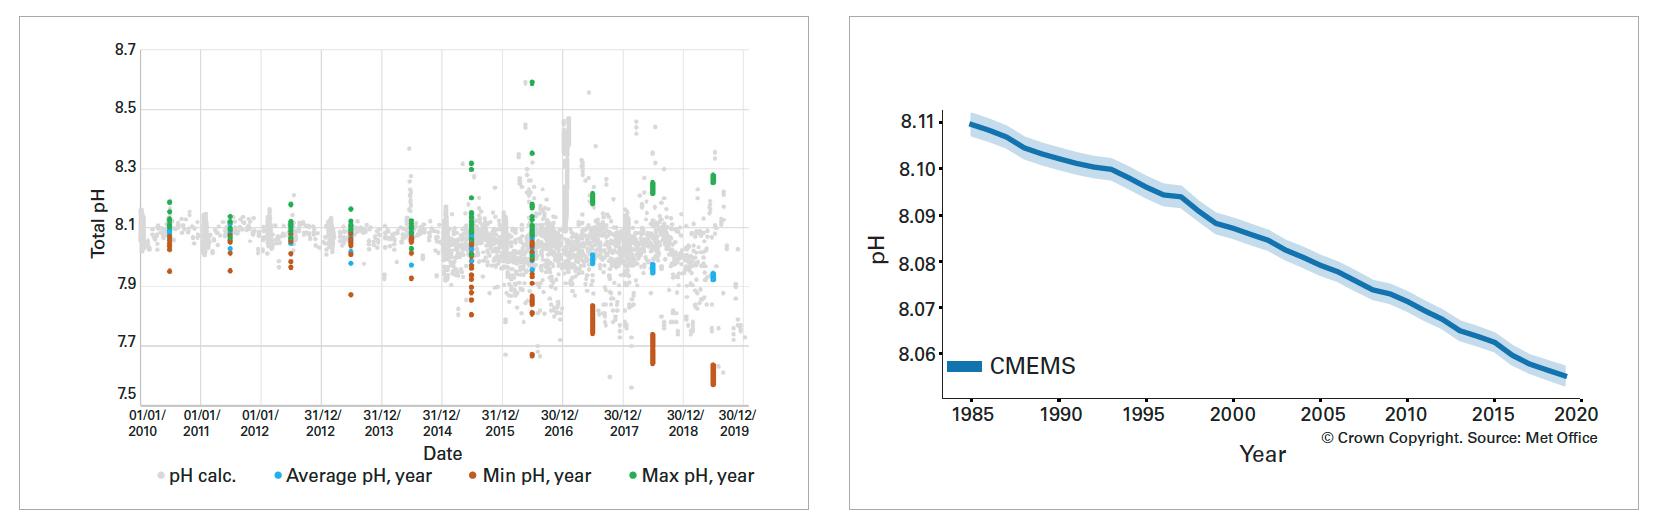 Surface pH values based on ocean acidification data